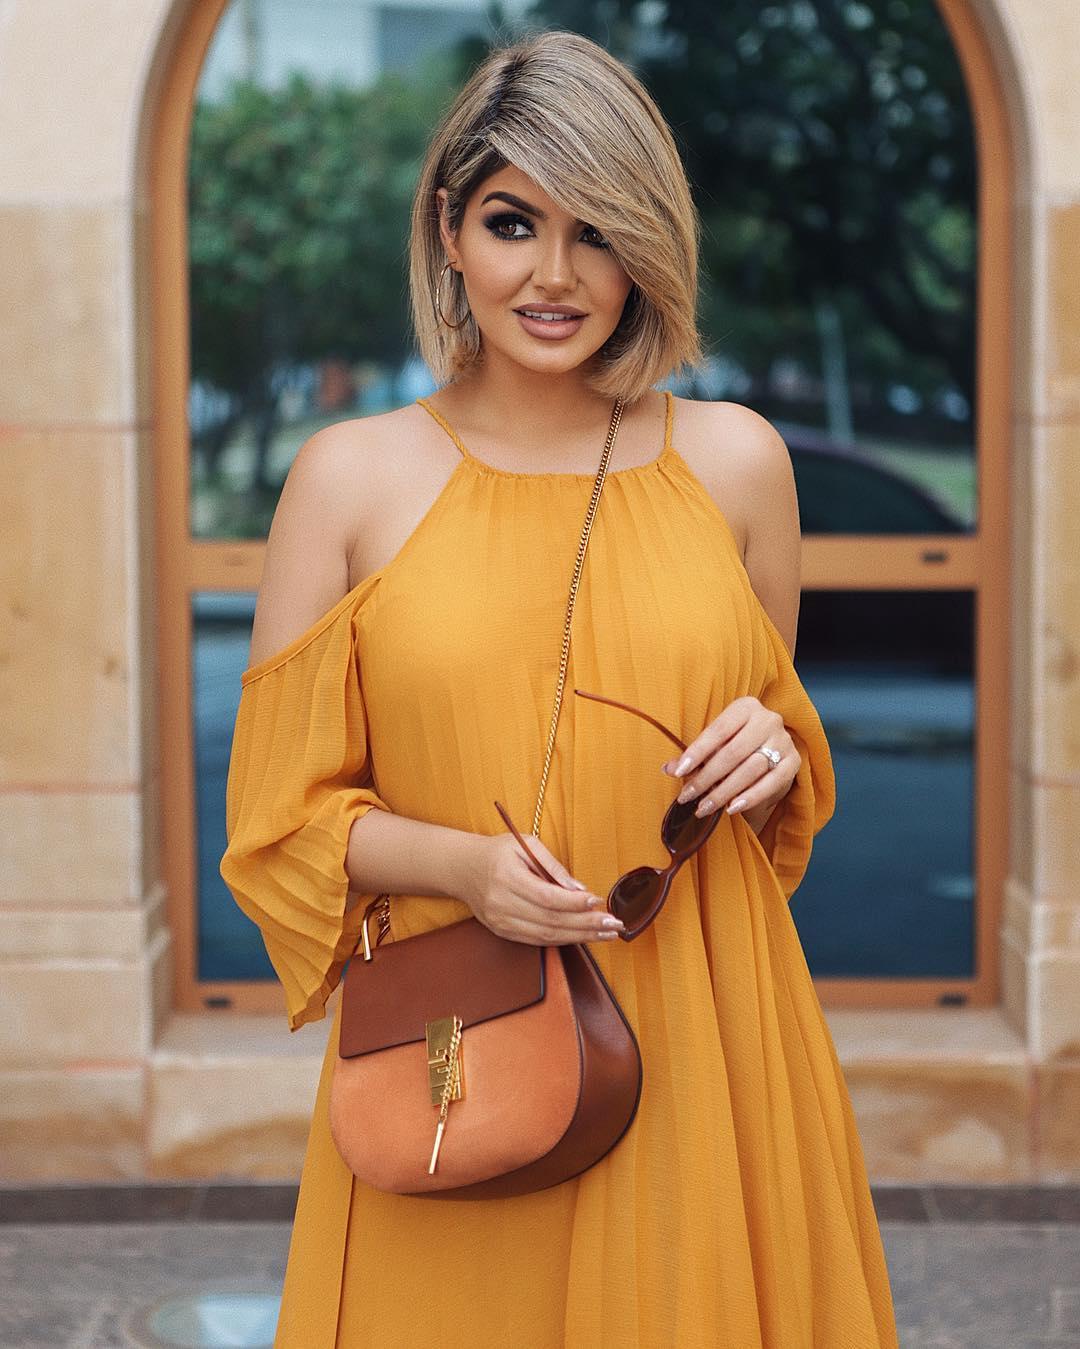 12 элегантных образов от блогера и дизайнера Шейда (Sheida)